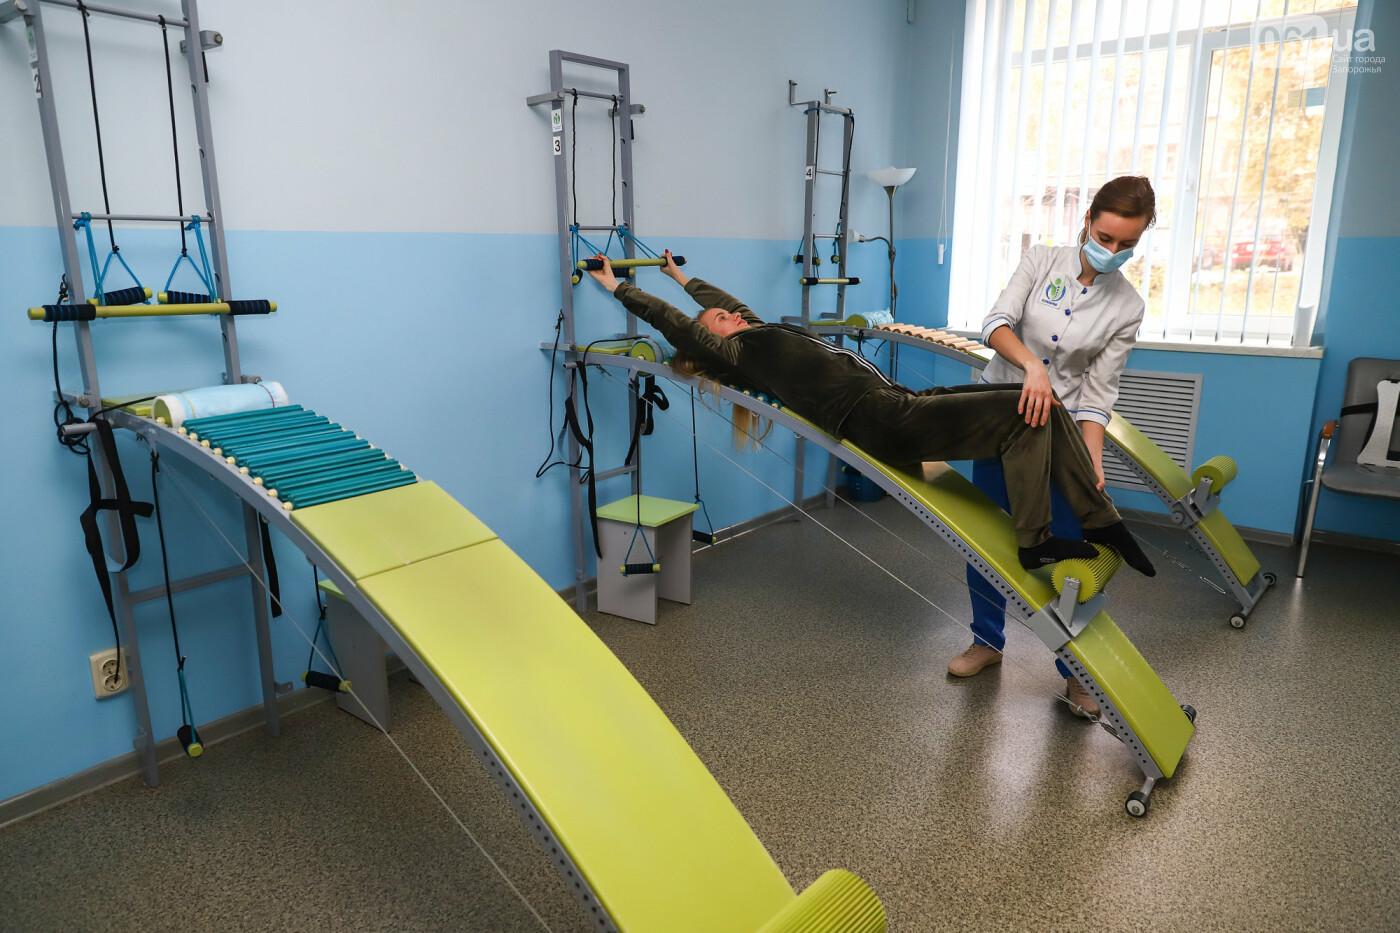 3D-исследование и уникальные тренажеры: как в запорожской клинике OrtoSano лечат болезни позвоночника и суставов, фото-19